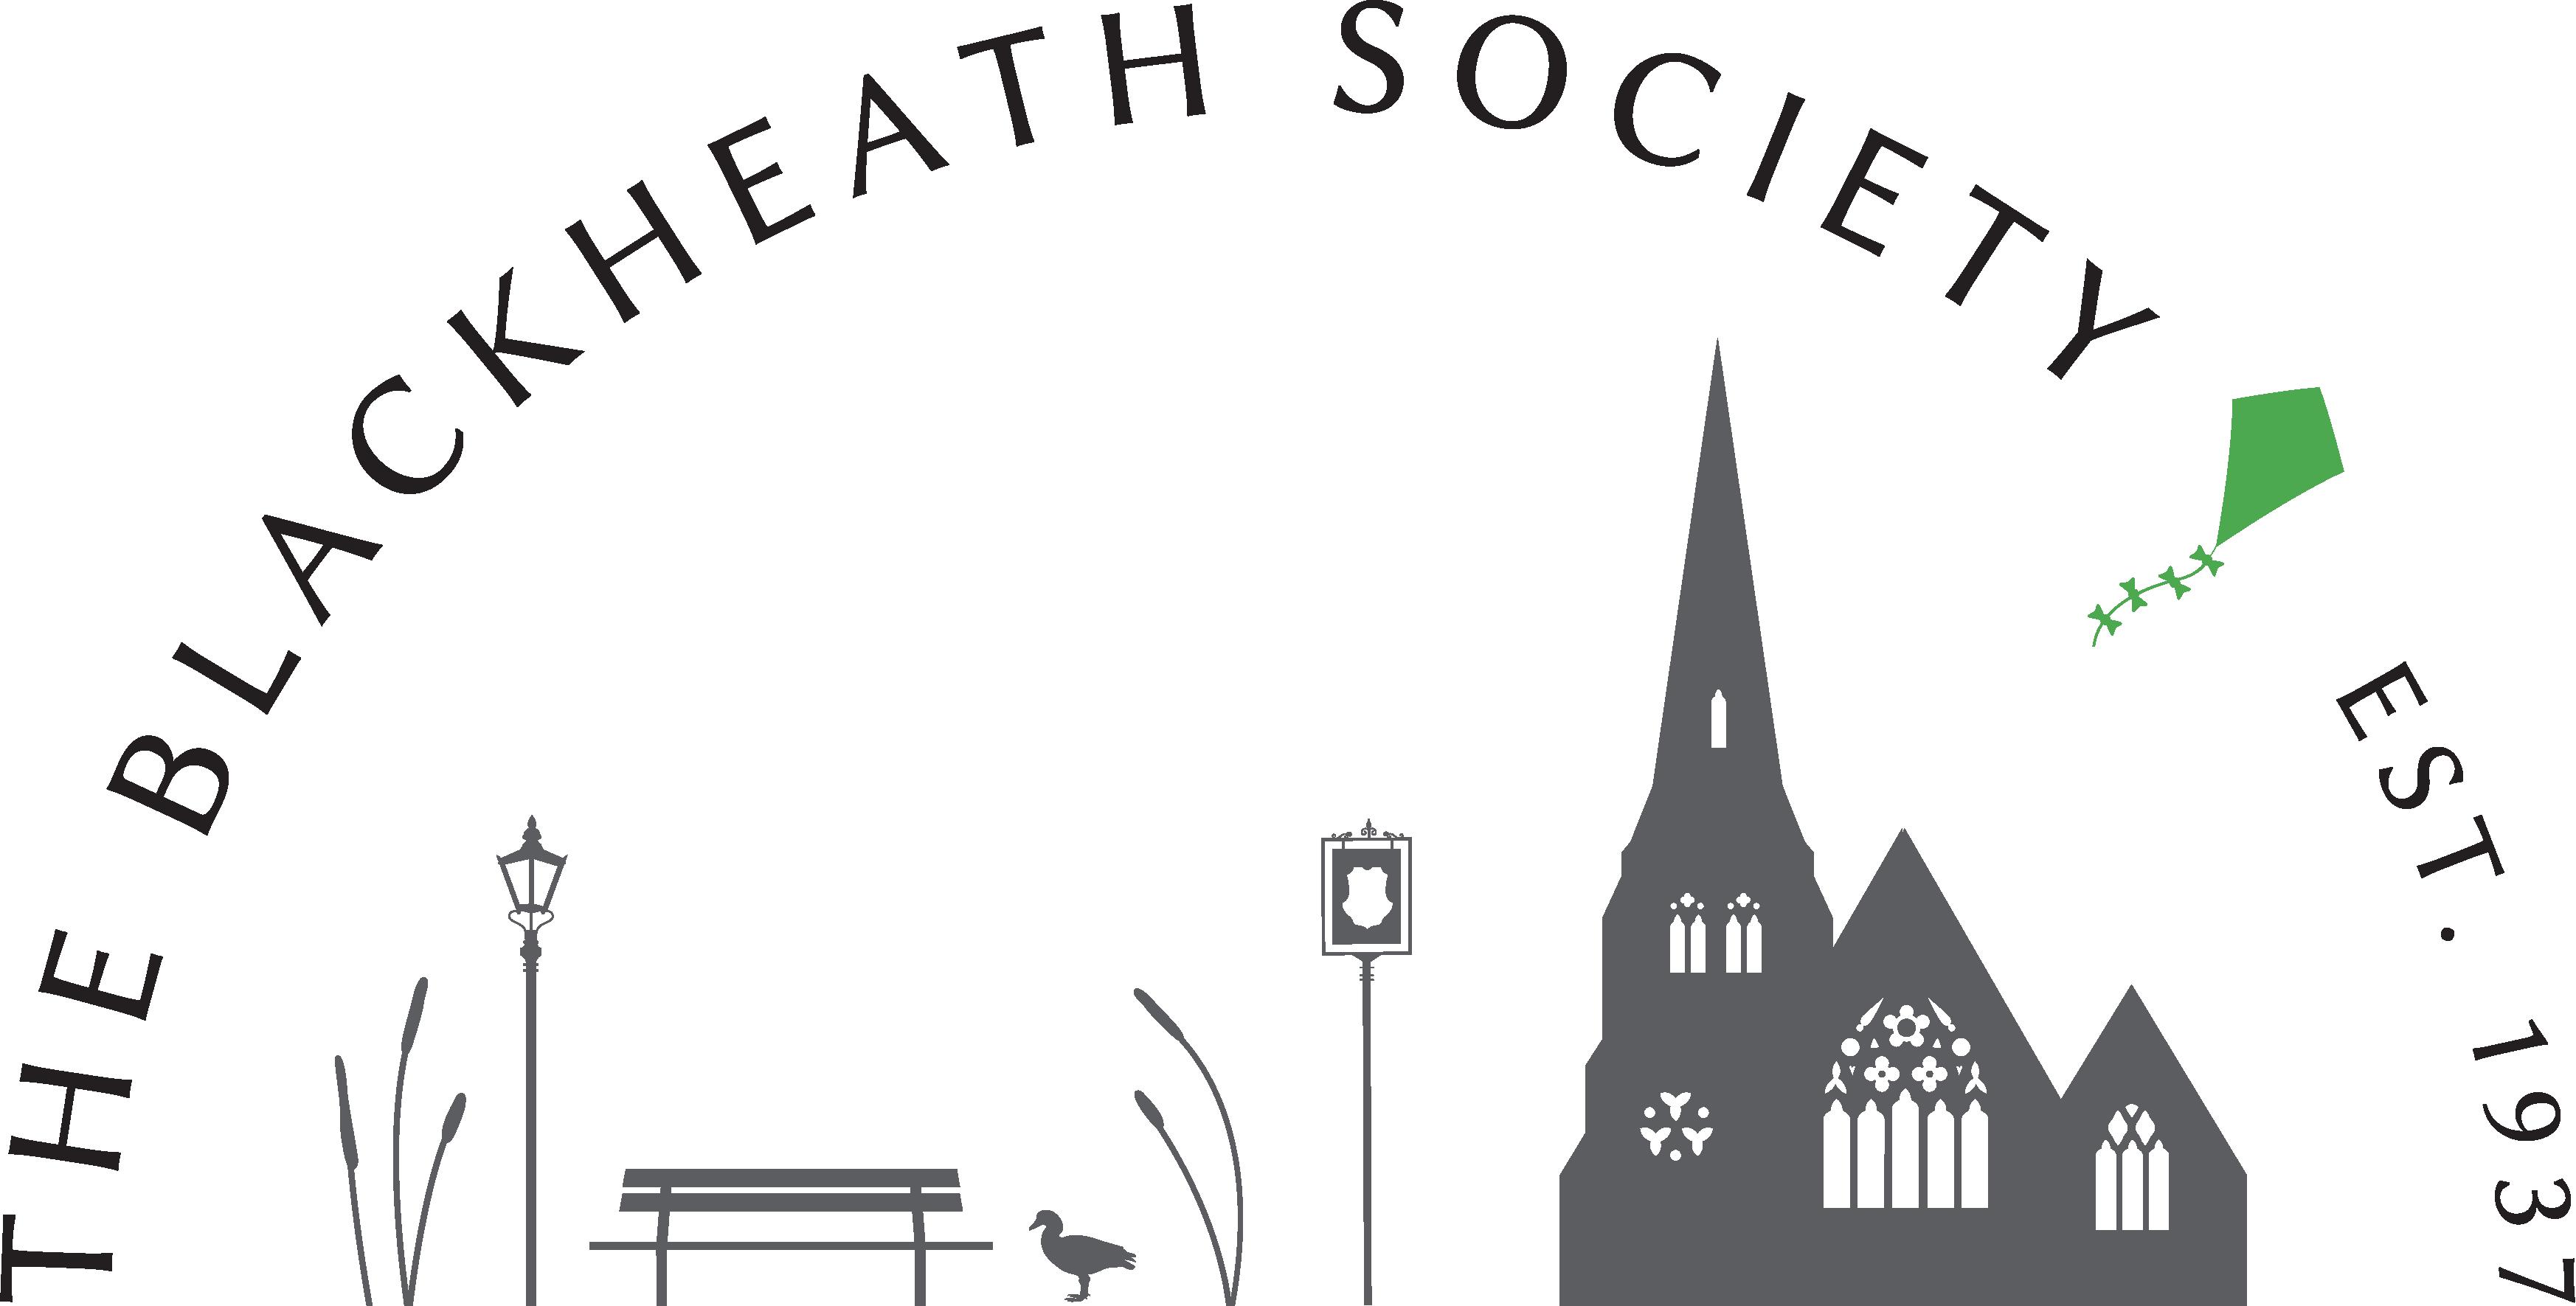 The Blackheath Society